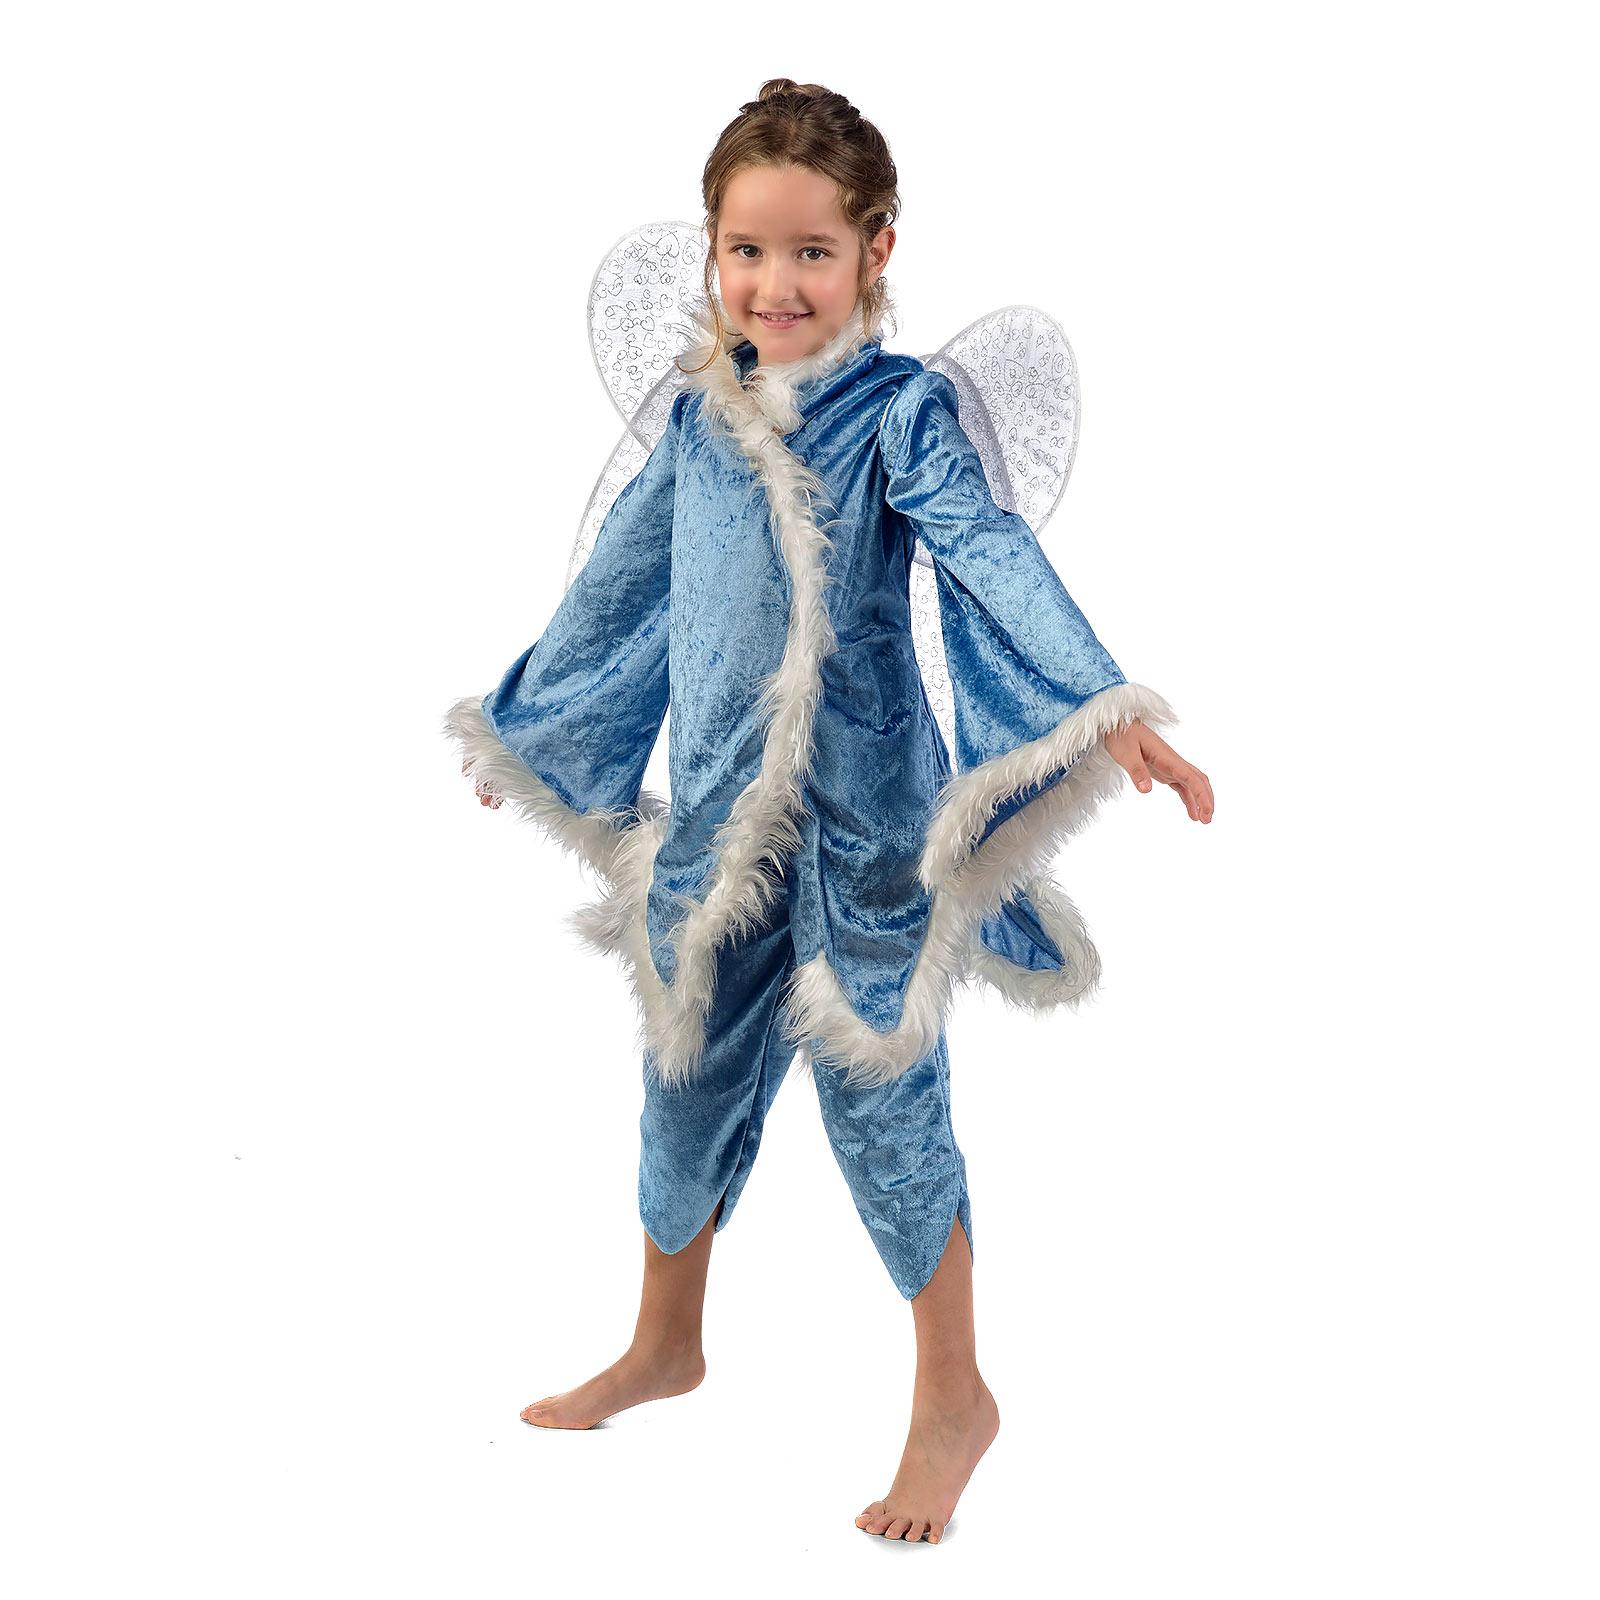 Blaue Fee Glöckchen - Kostüm Kinder